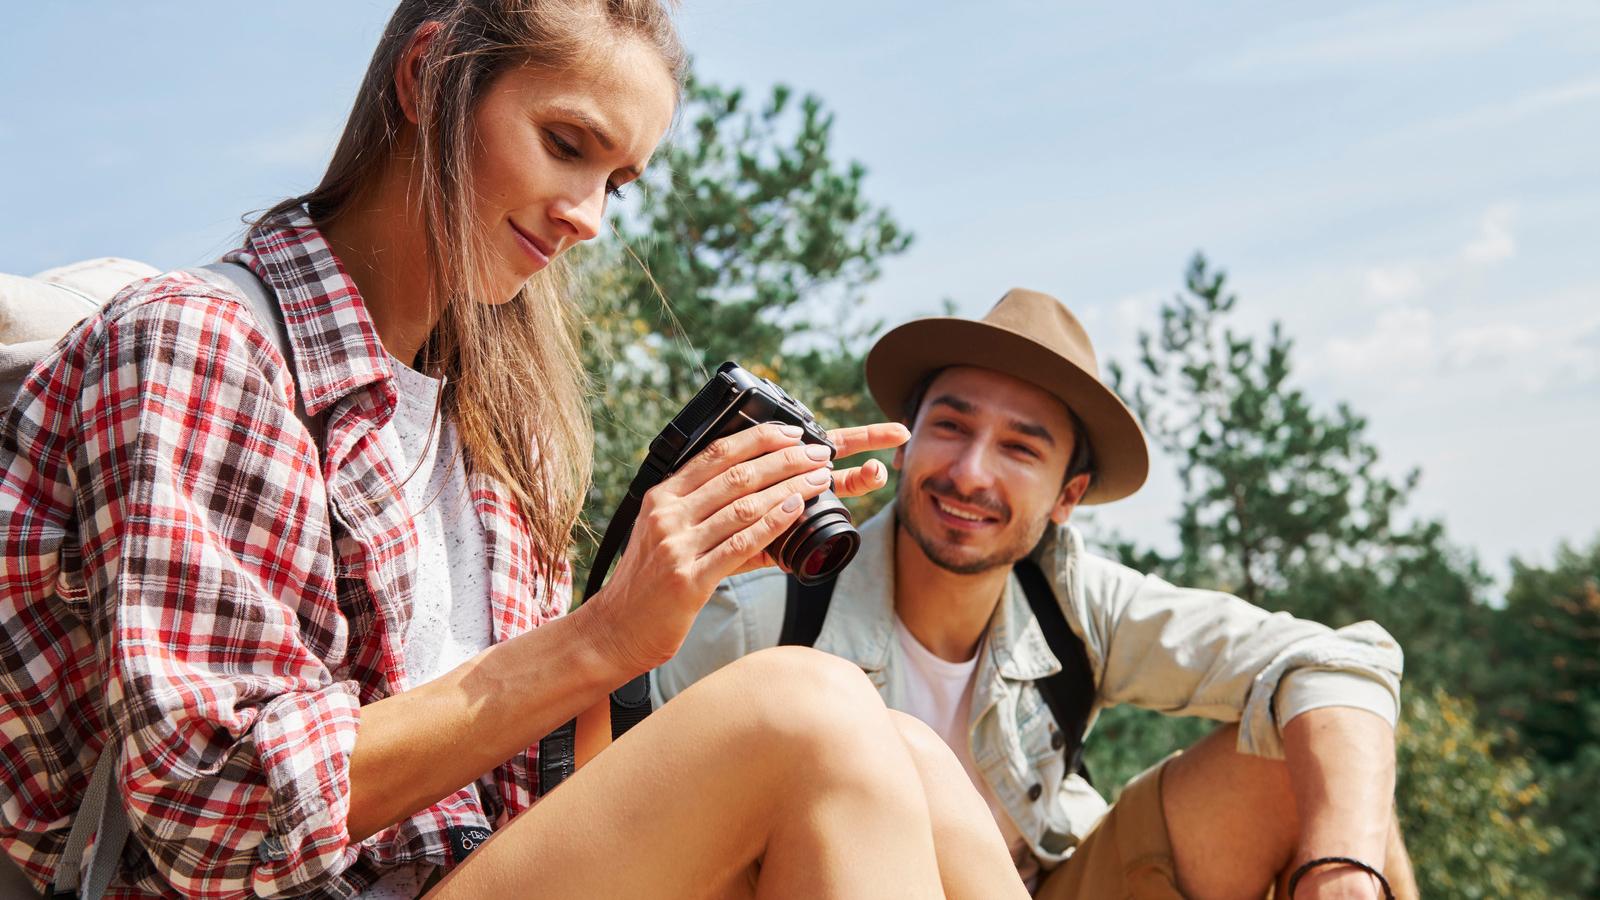 Ismerd meg a fényképezőgéped! - 10 hasznos tanács, hogy utazások alkalmával is pazar képeket készíthess - NEXTFOTO